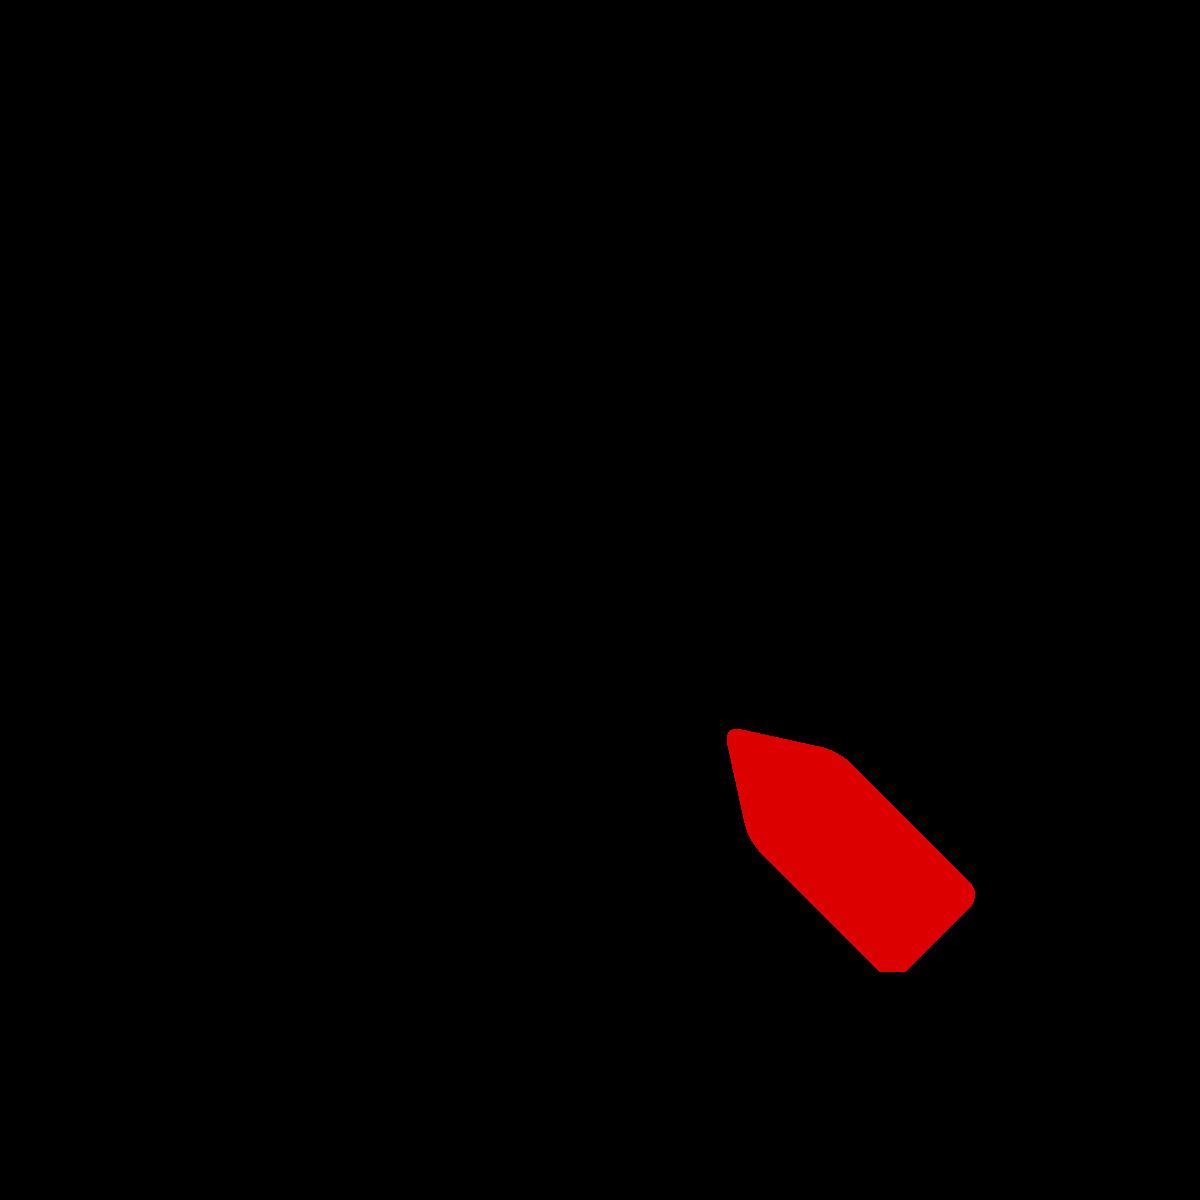 クイズバンロゴ